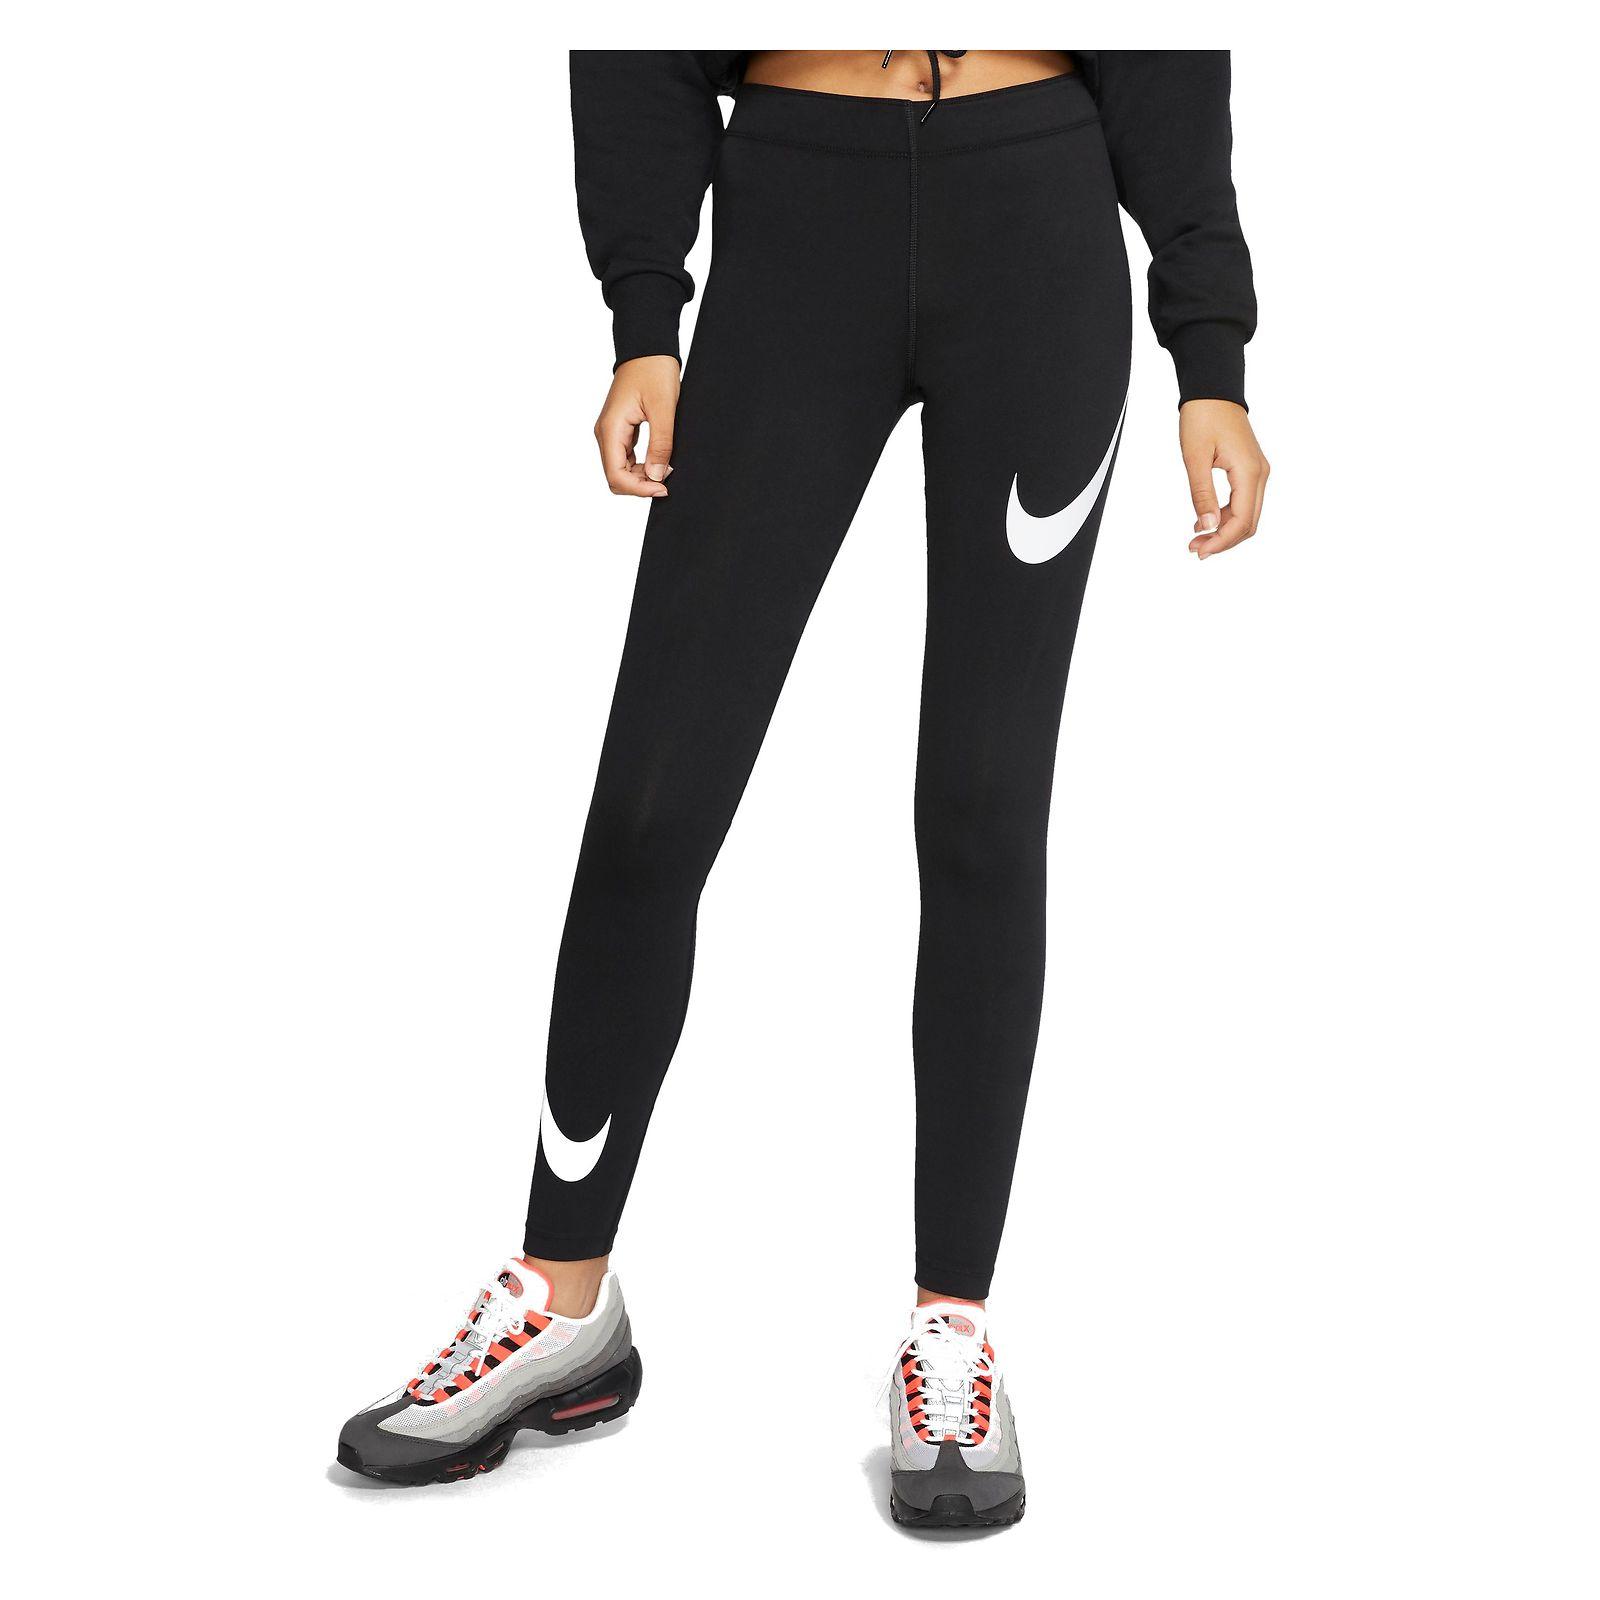 Legginsy damskie Nike Sportswear Leg-A-See Swoosh CJ2655